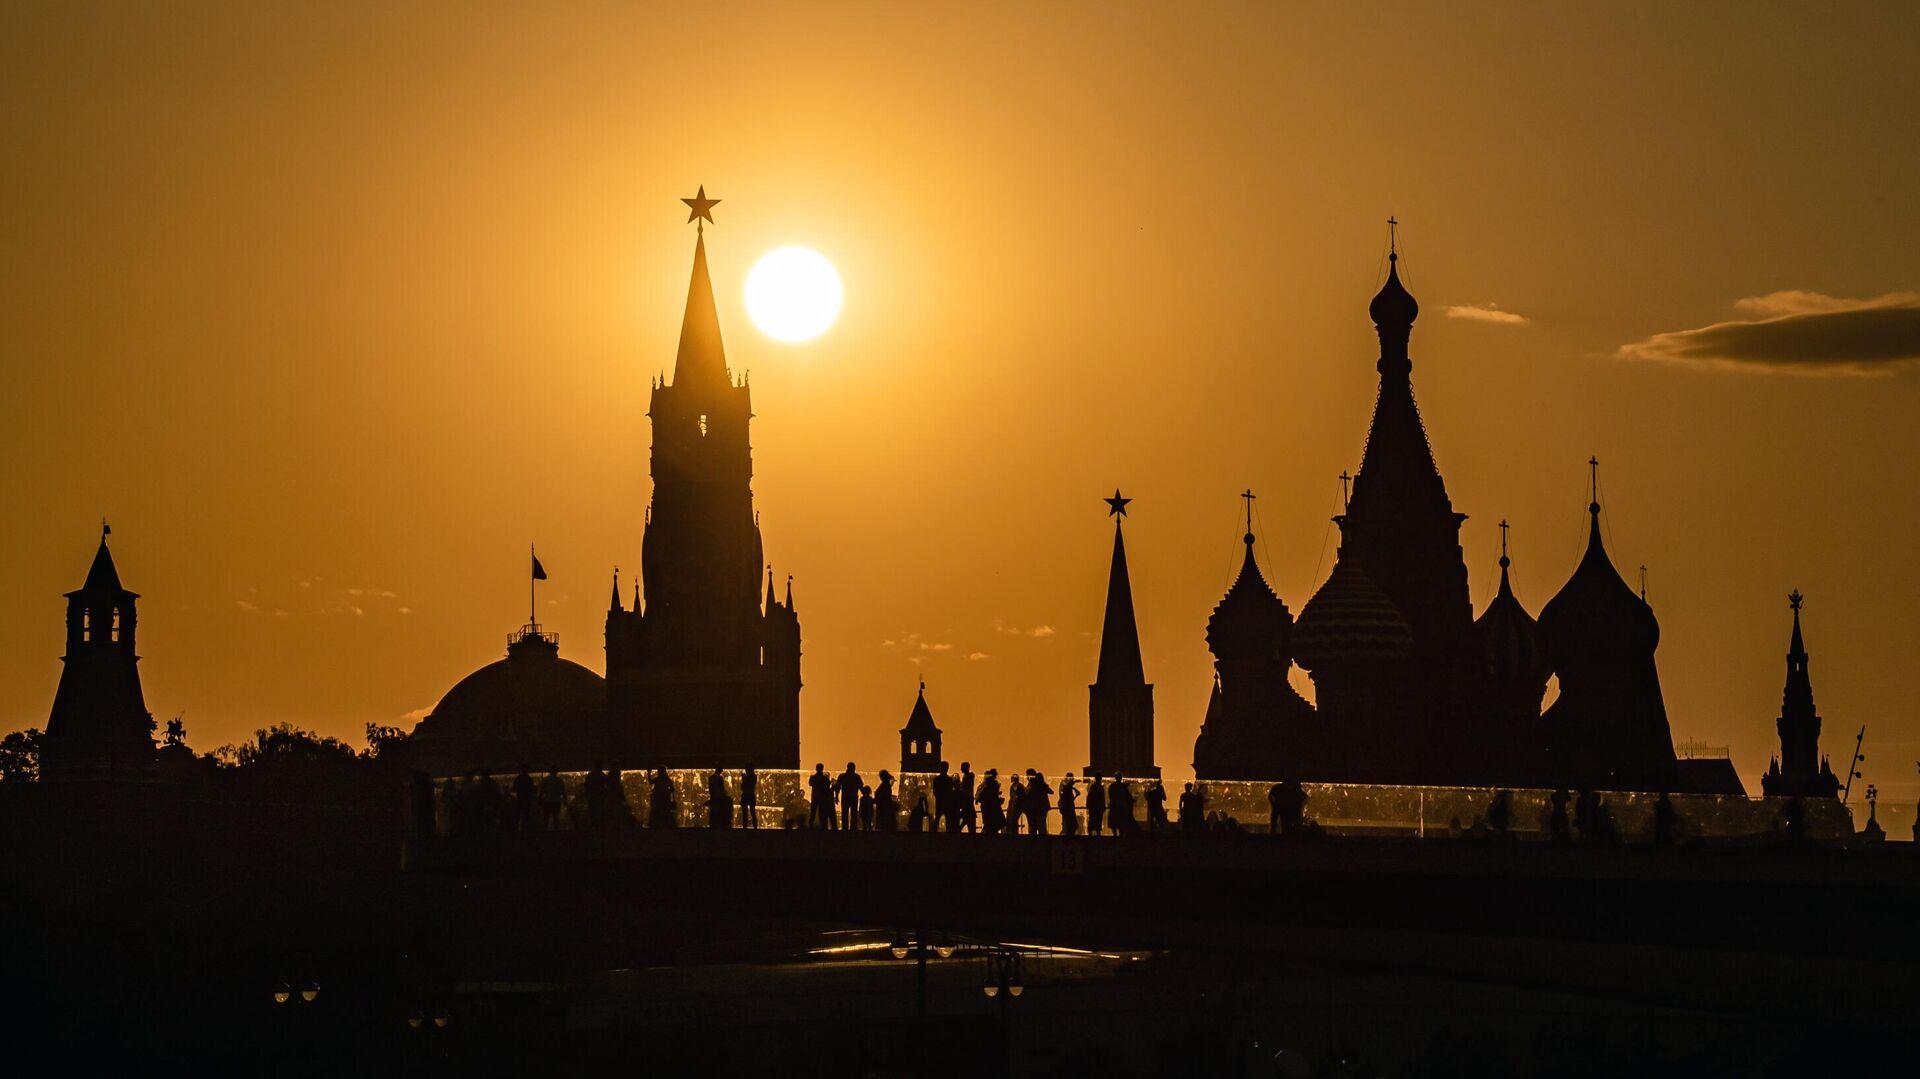 Московский Кремль - РИА Новости, 1920, 08.07.2021